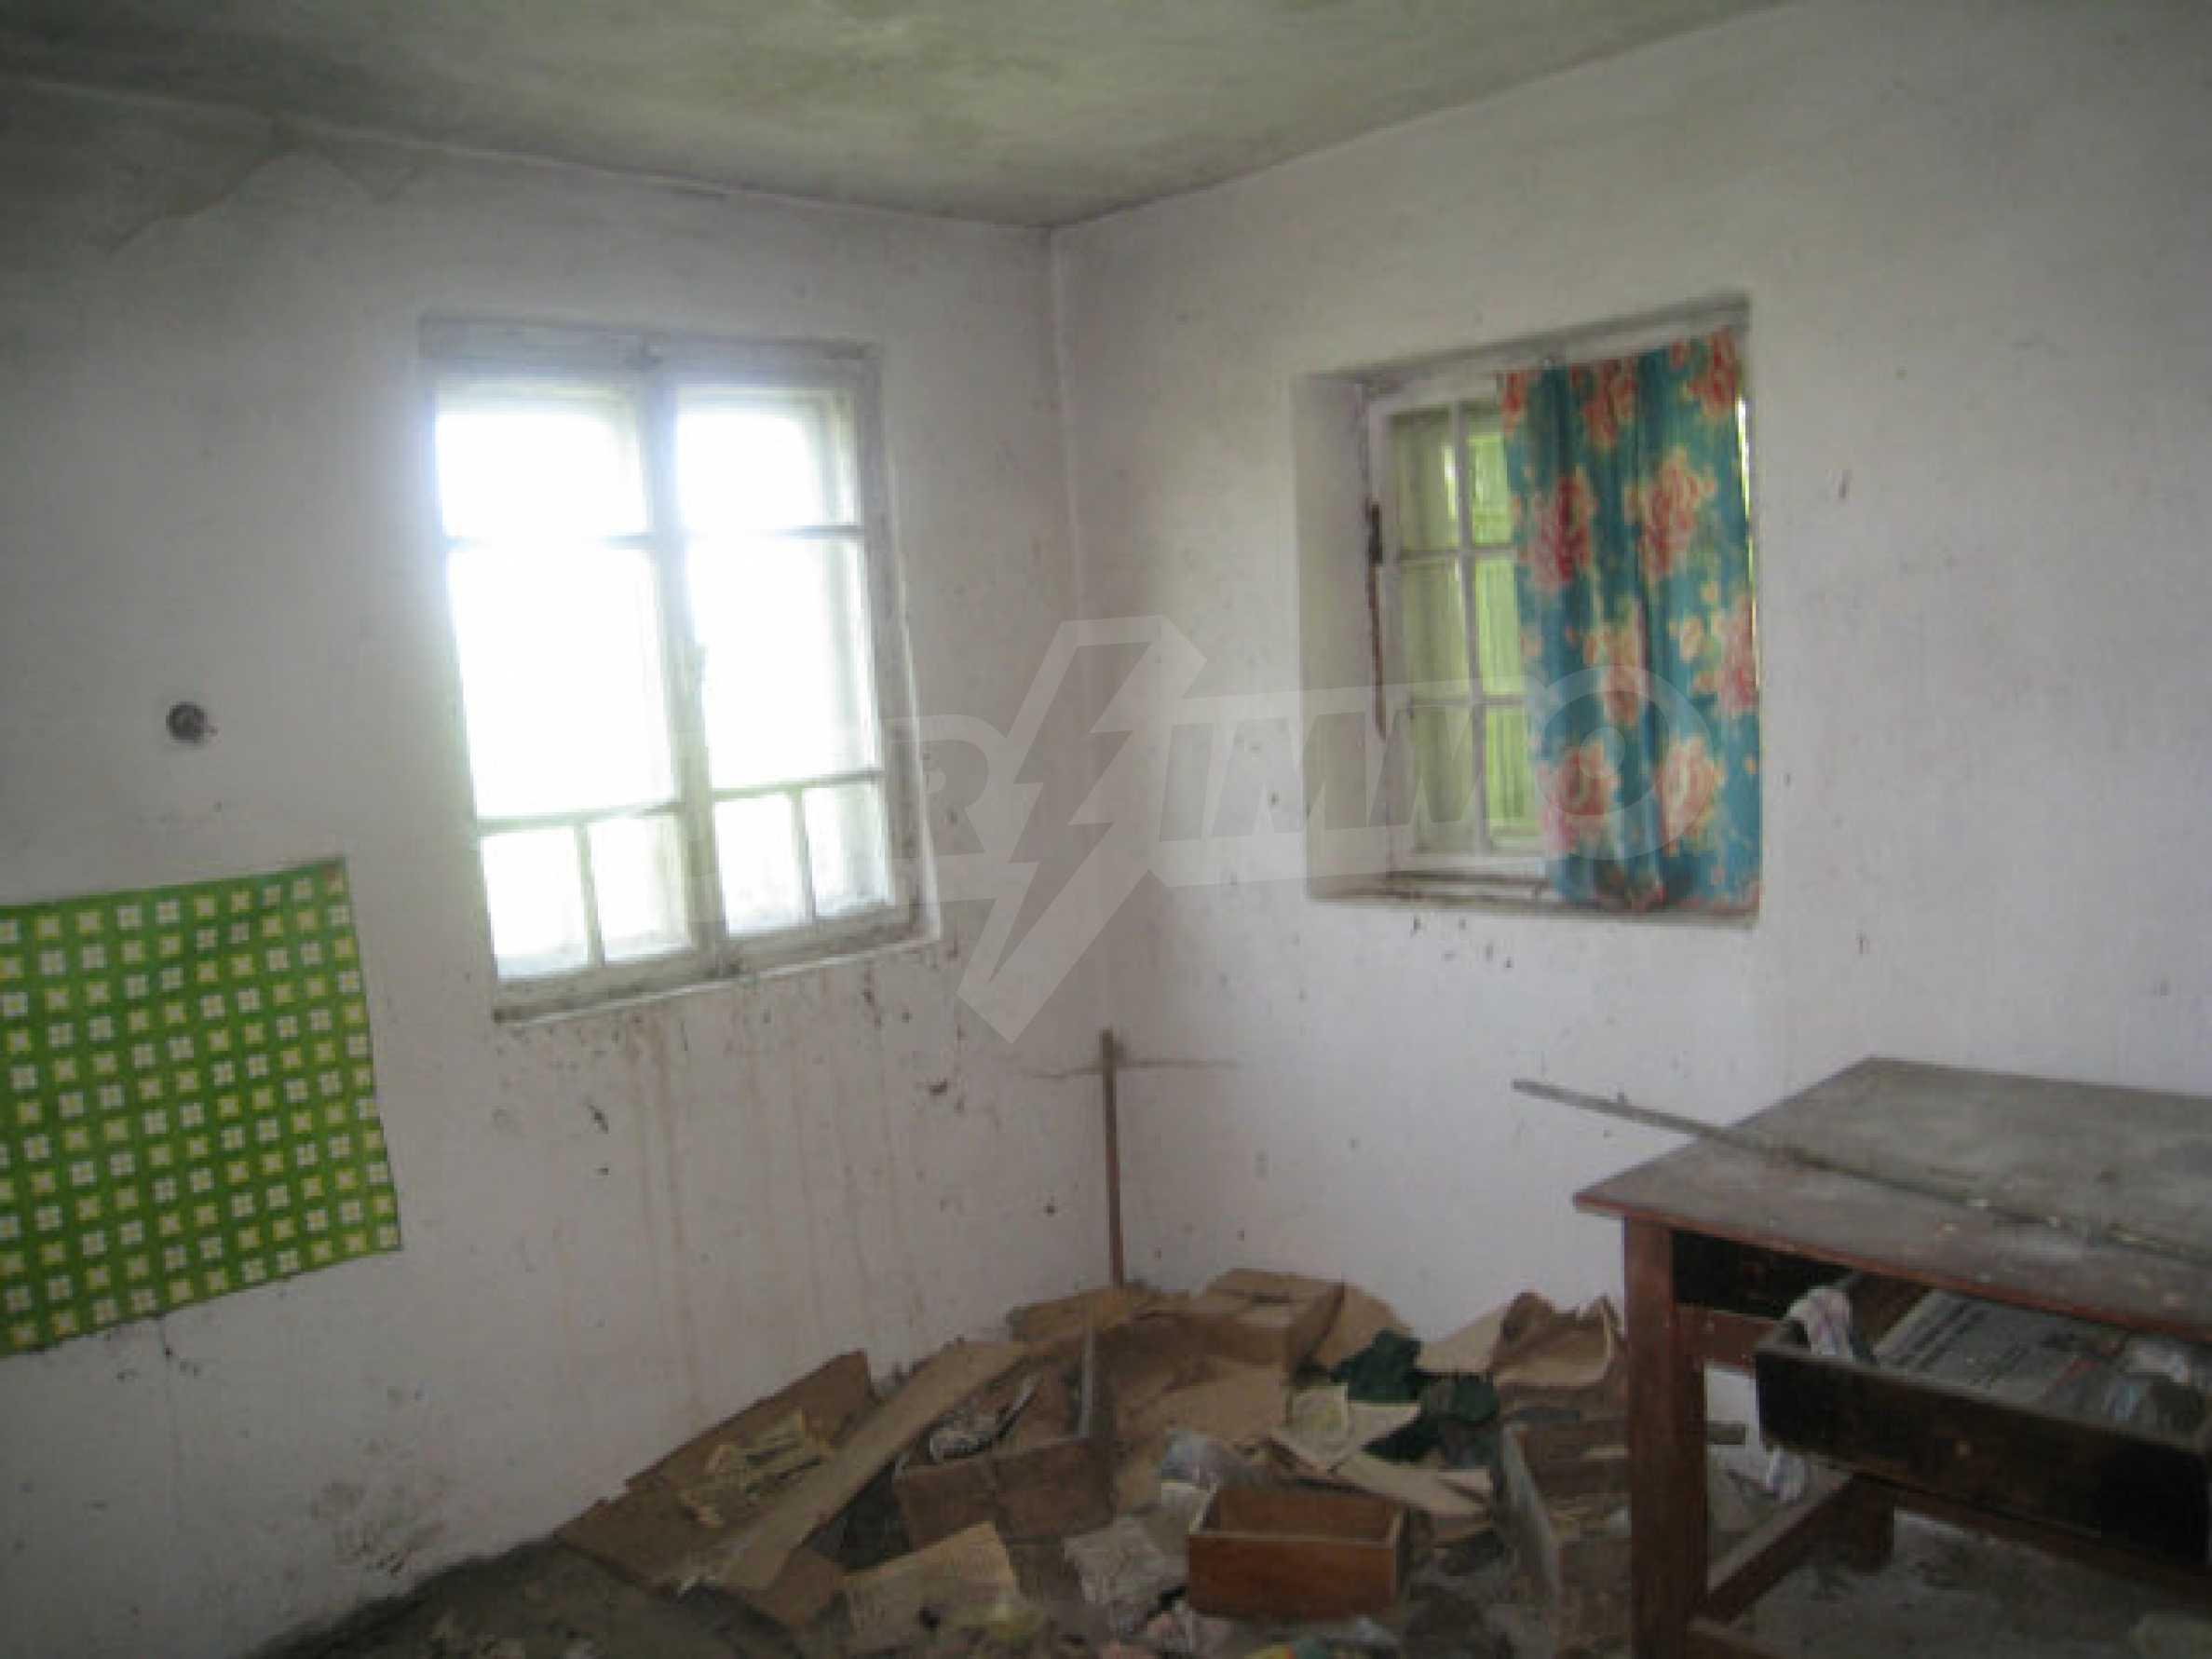 Grundstück zum Verkauf in der Villenzone von Svoge 16